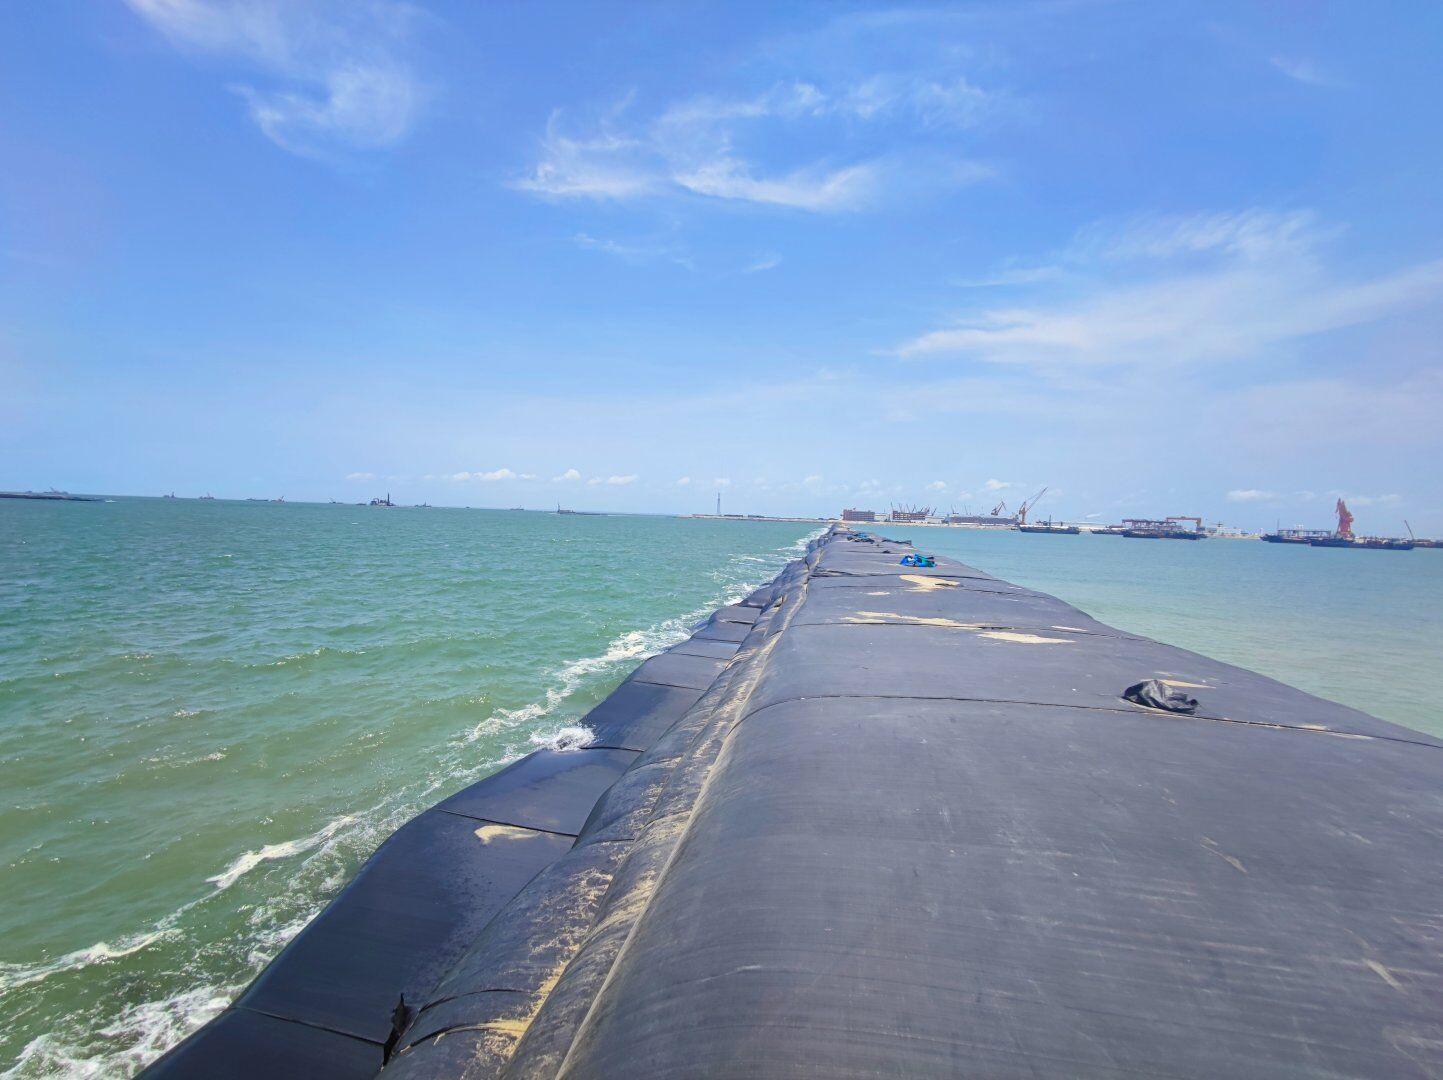 欽州港東航道擴建工程(一期)吹填區平整工程一標段圍堰工程